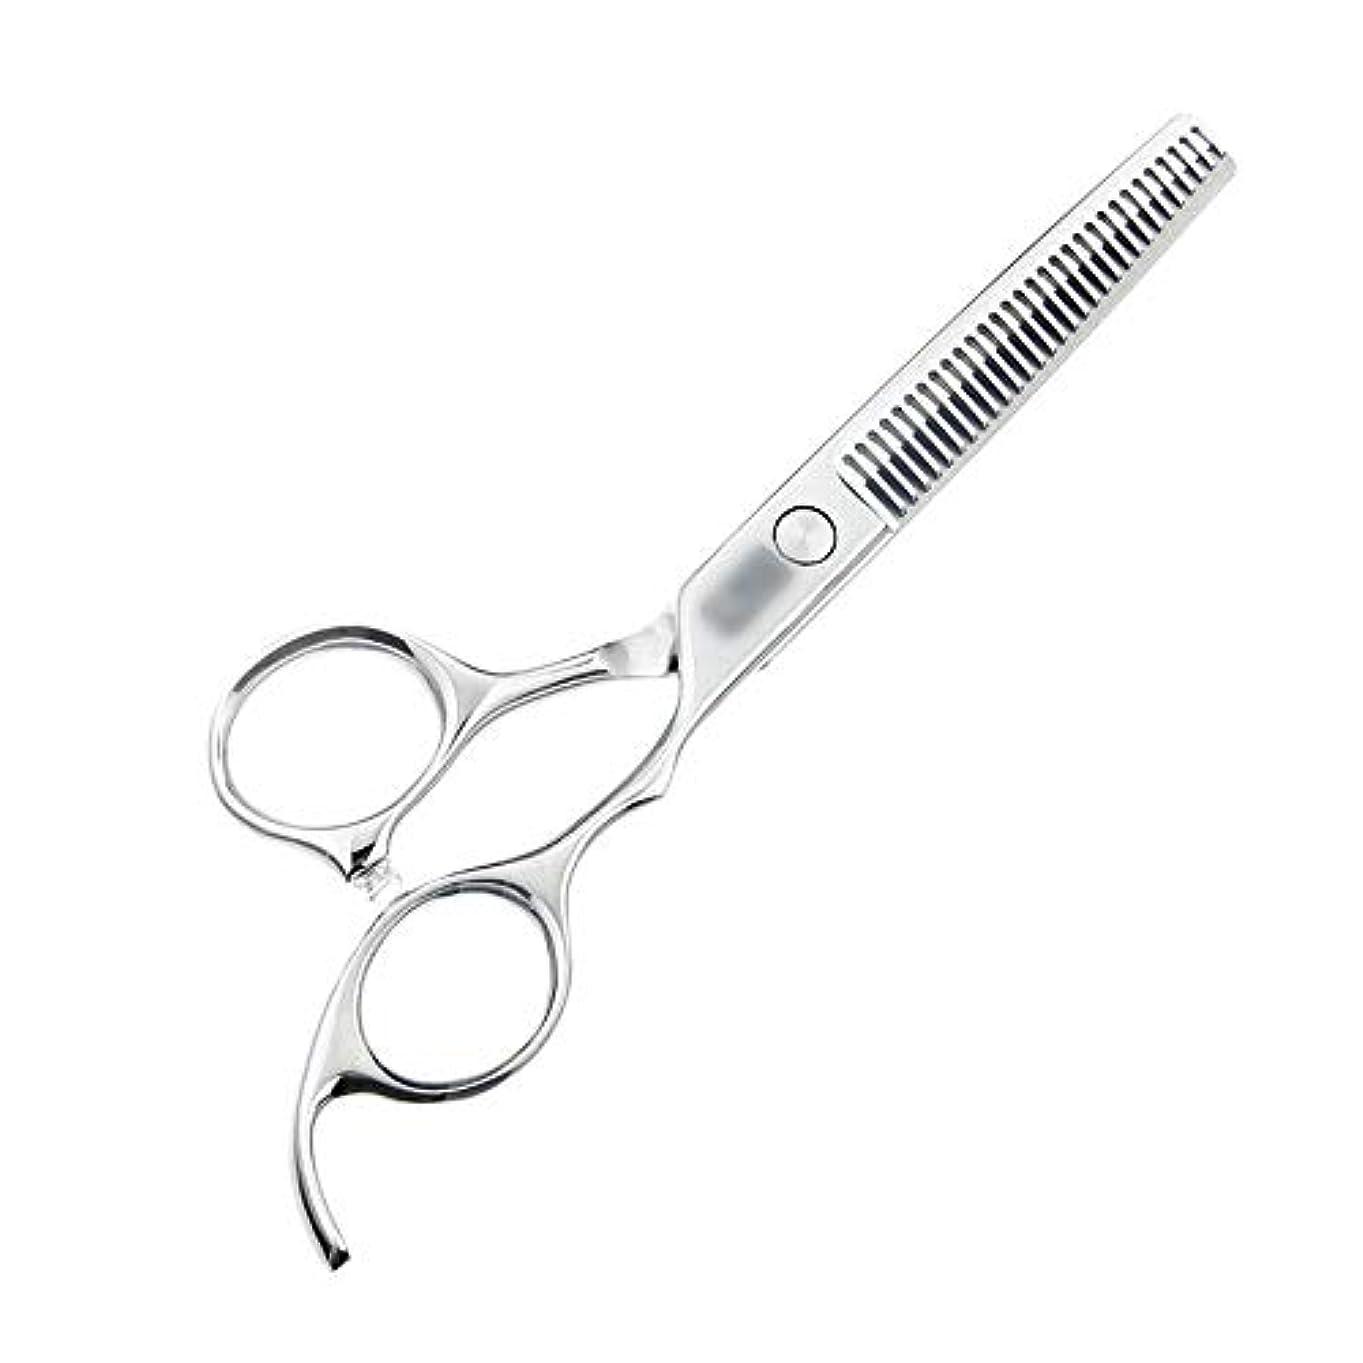 まとめるトロピカルリクルートJiaoran 6インチハイグレード440C理髪はさみ、歯の切断、間伐とカットの髪はさみ、美容院プロの理髪はさみ (Color : Silver)